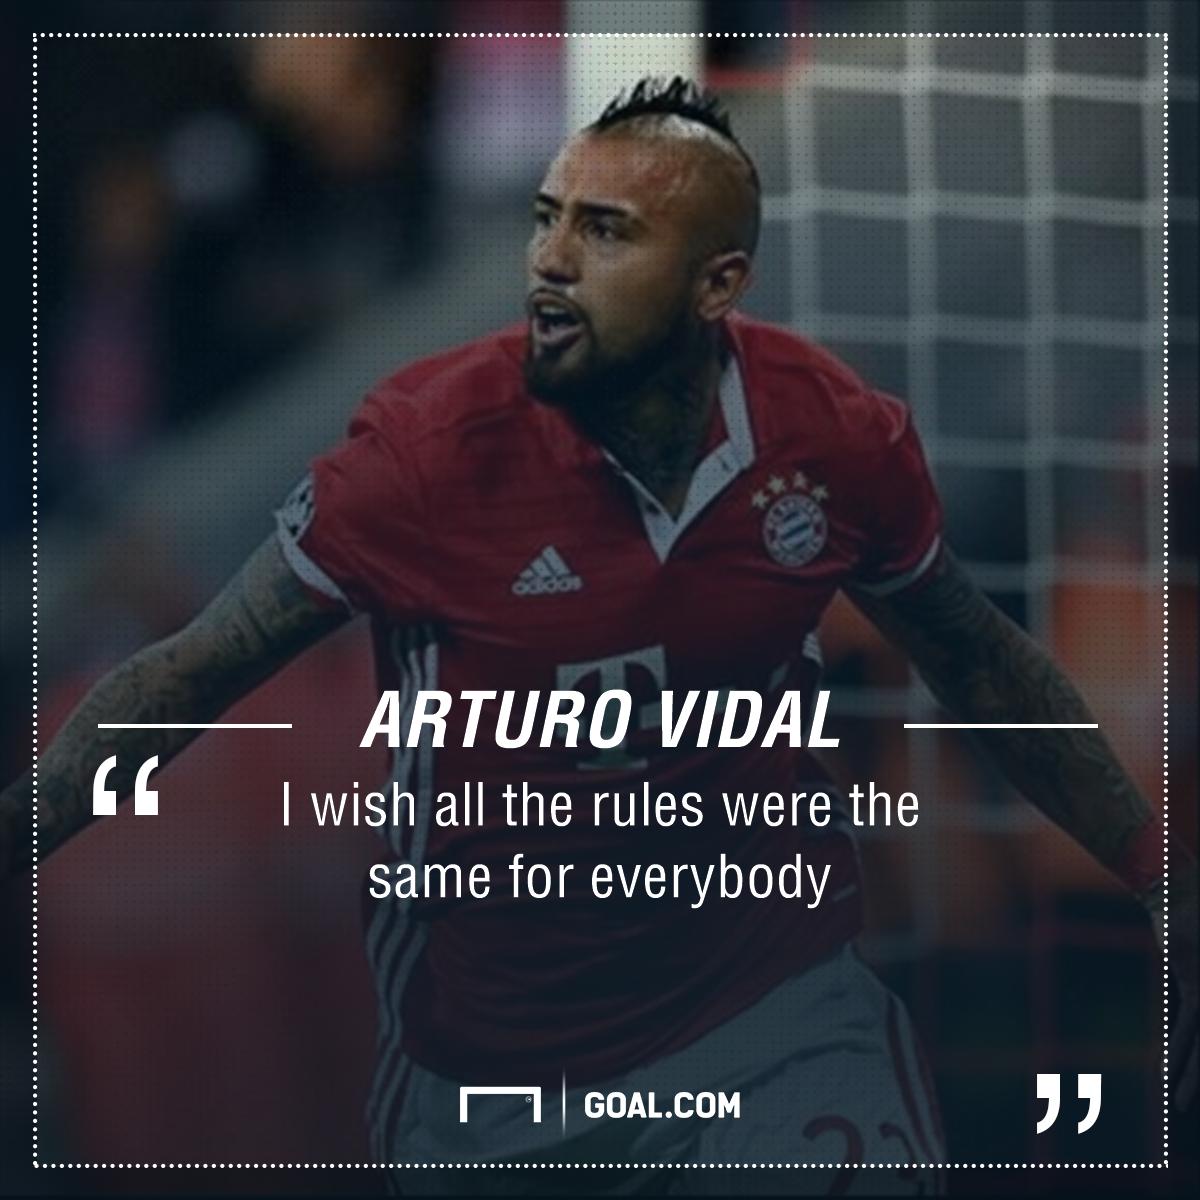 Vidal quote